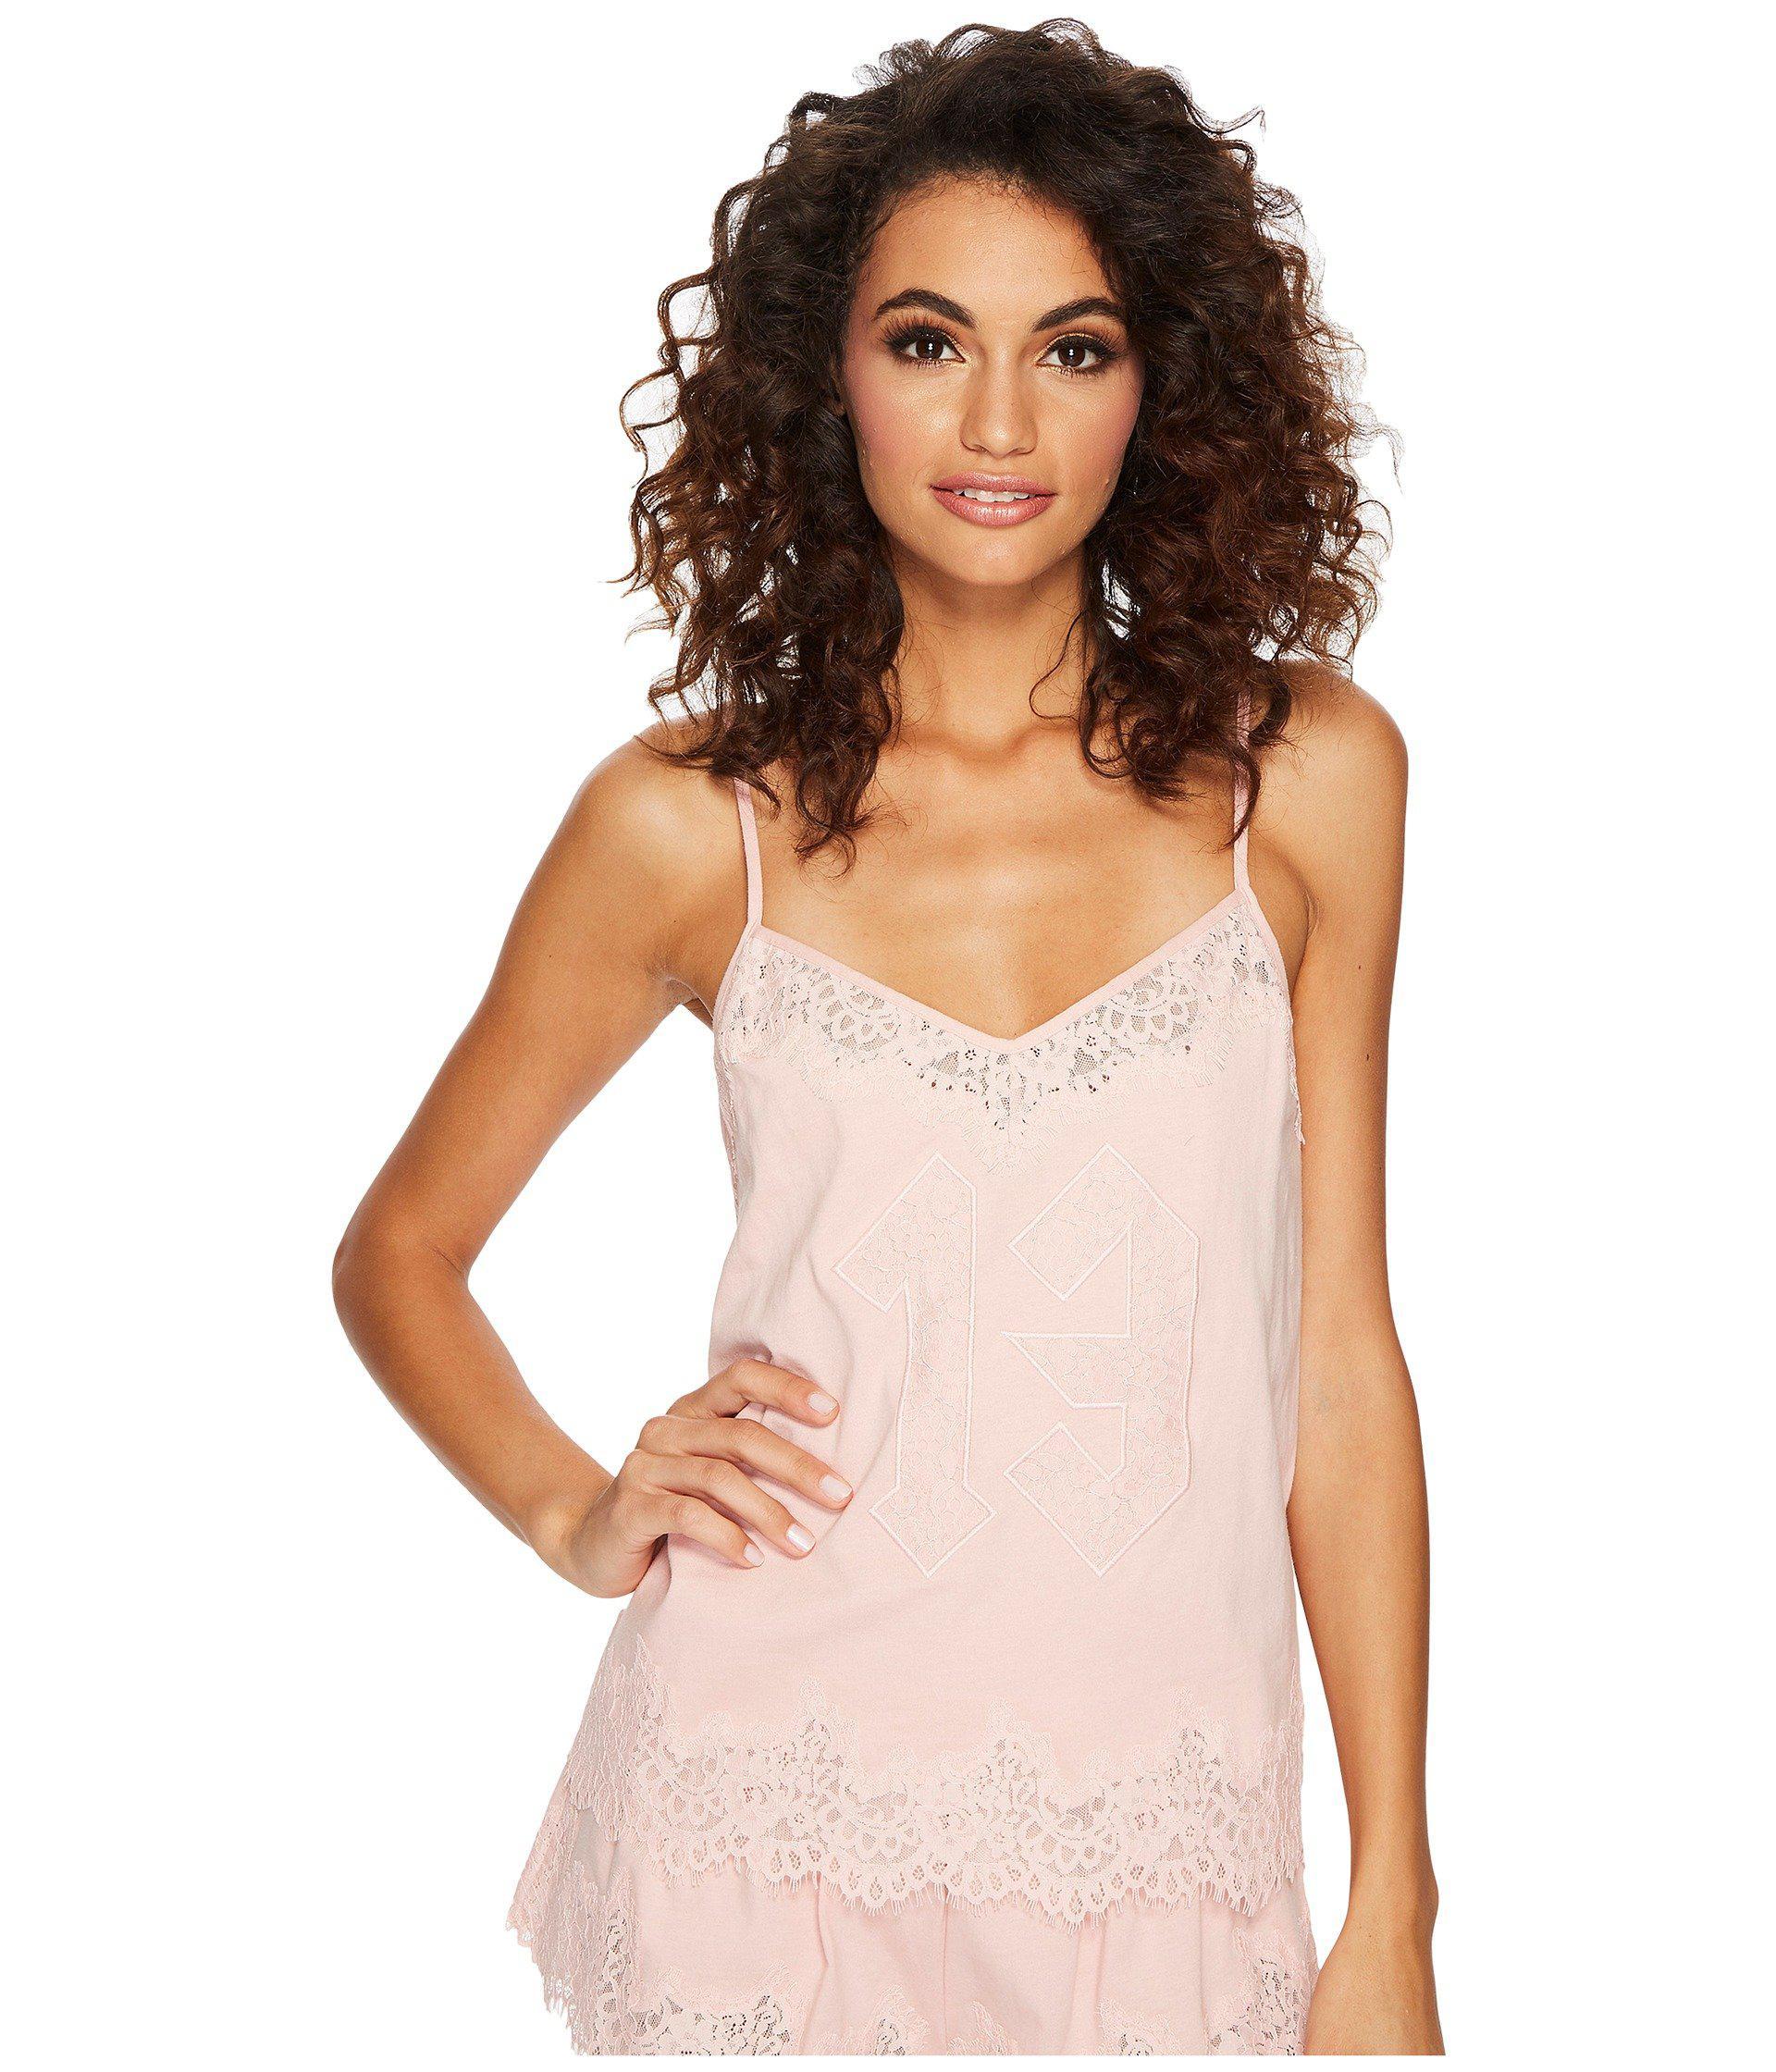 c16019379cc9 Lyst - PUMA Fenty Lace Trim Sleepwear Cami in Pink